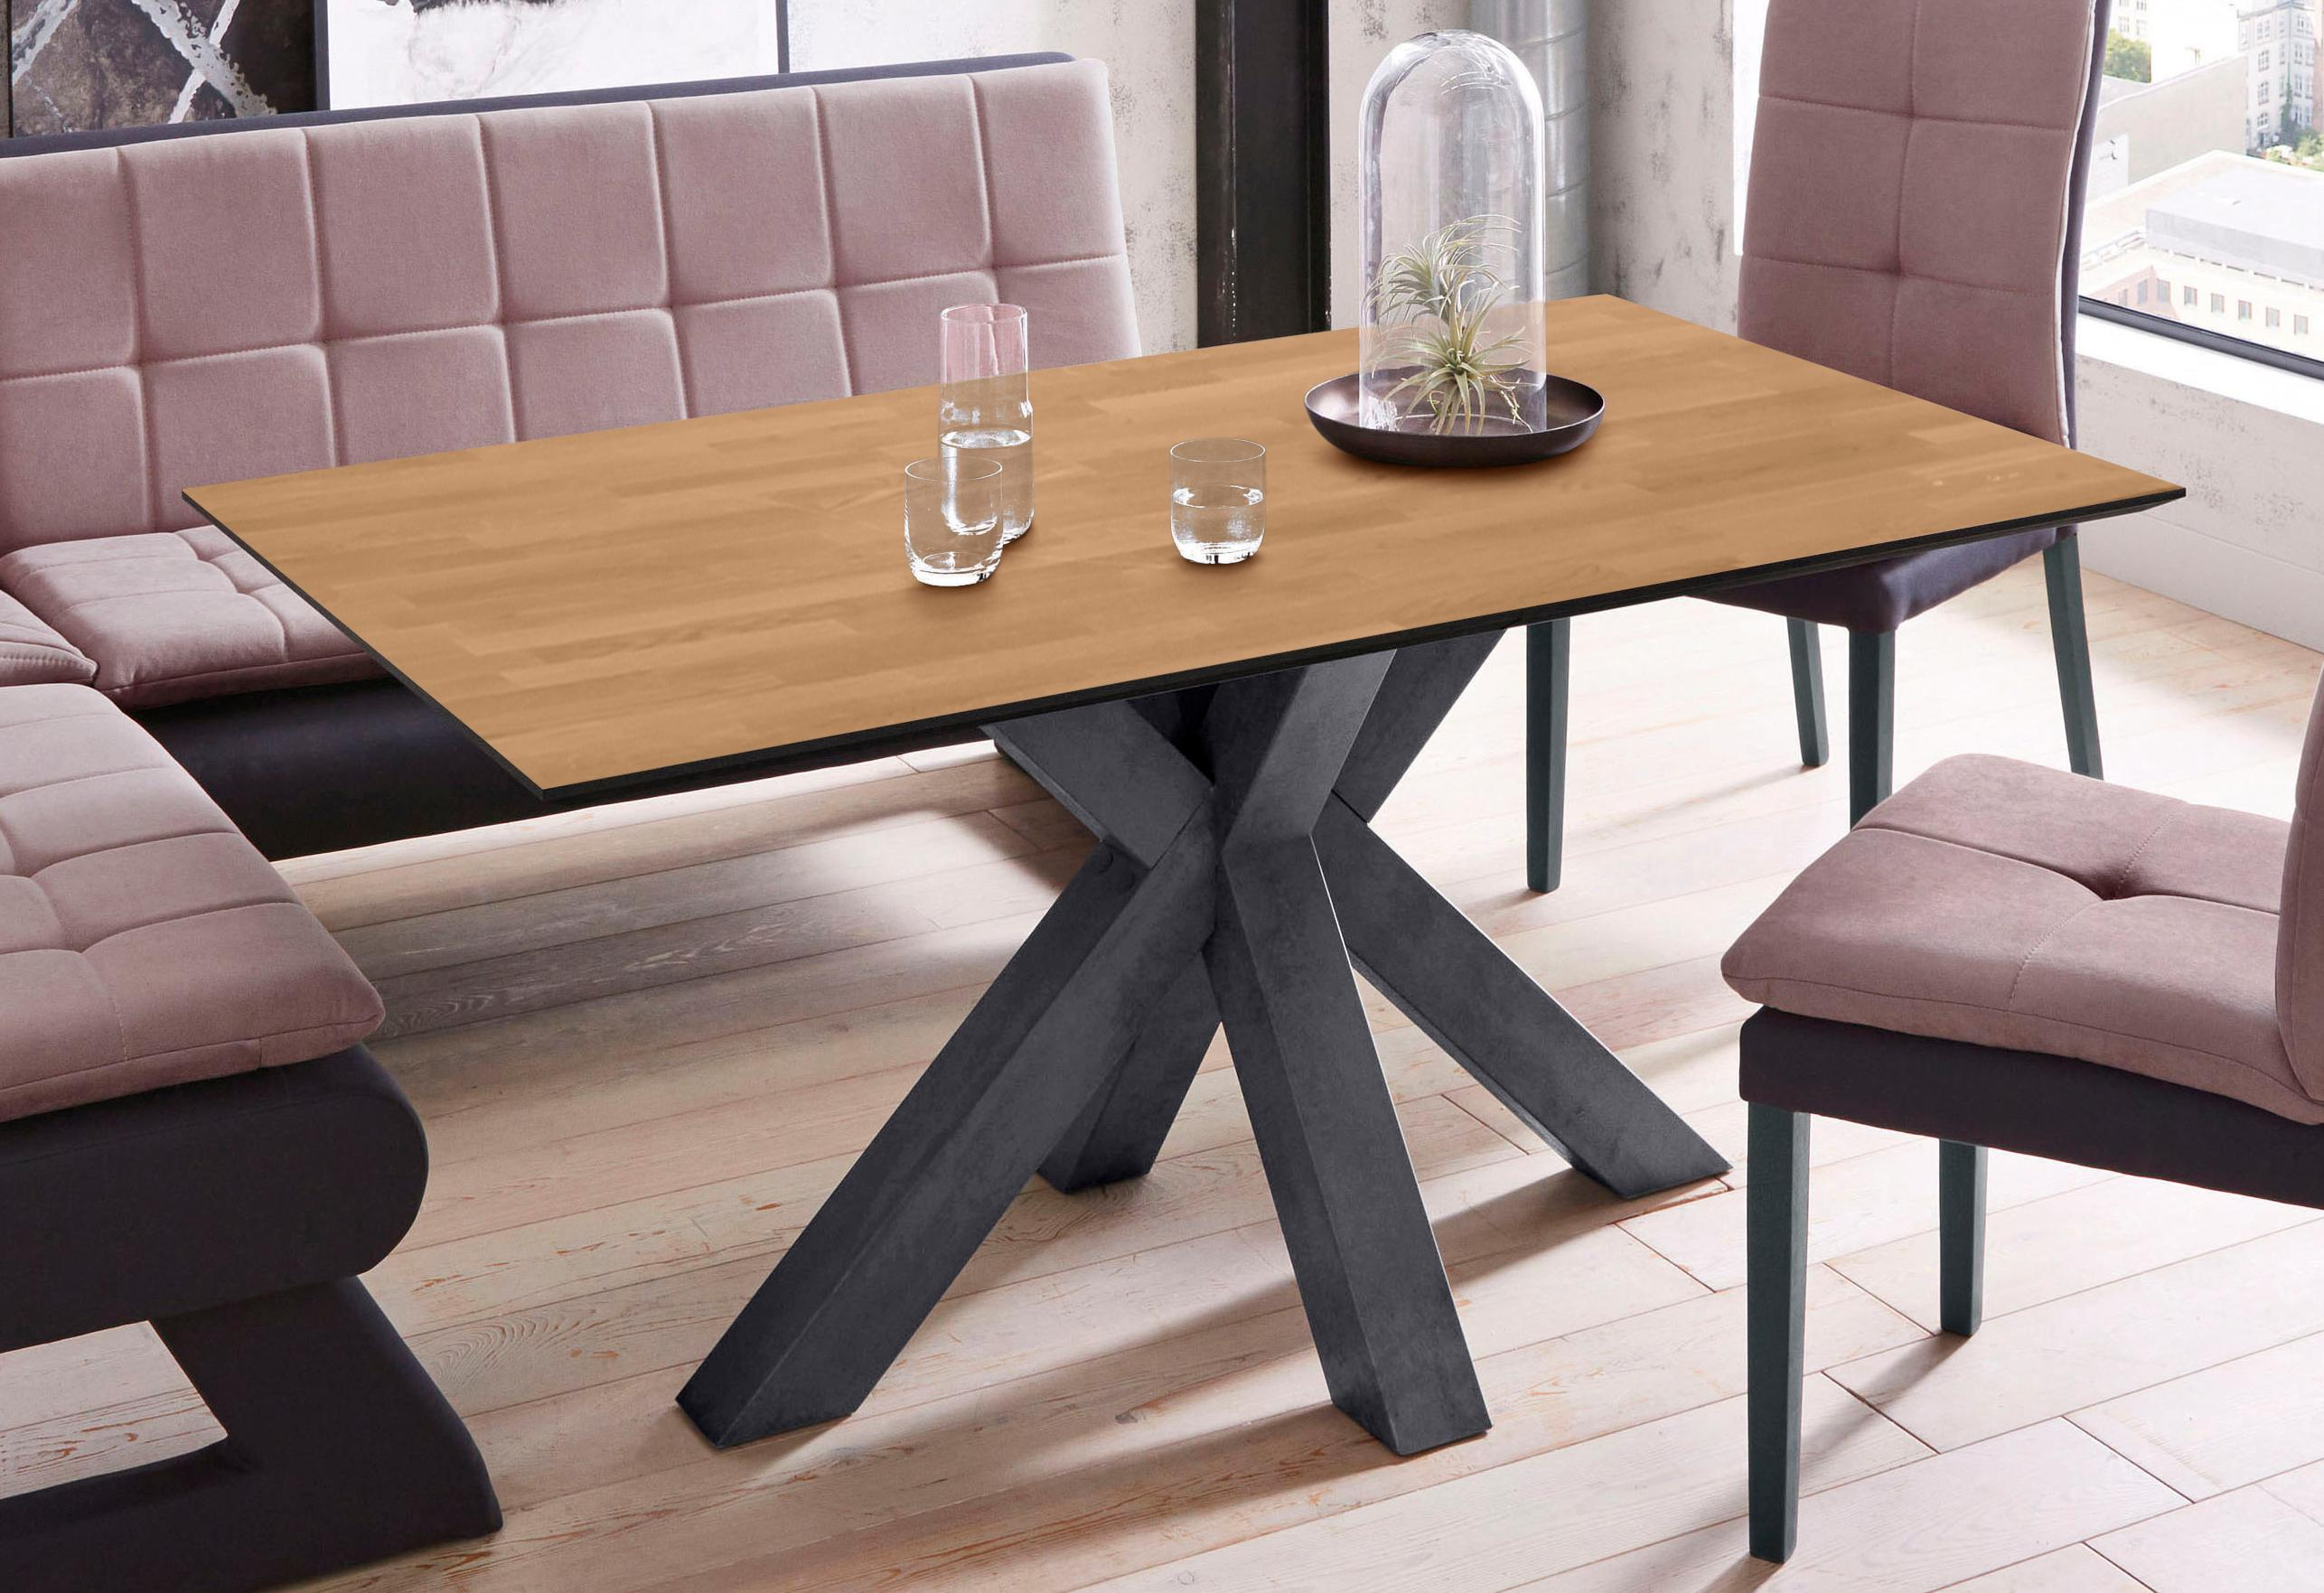 Mäusbacher Esstisch, Breite 160 cm schwarz Esstisch Esstische rechteckig Tische